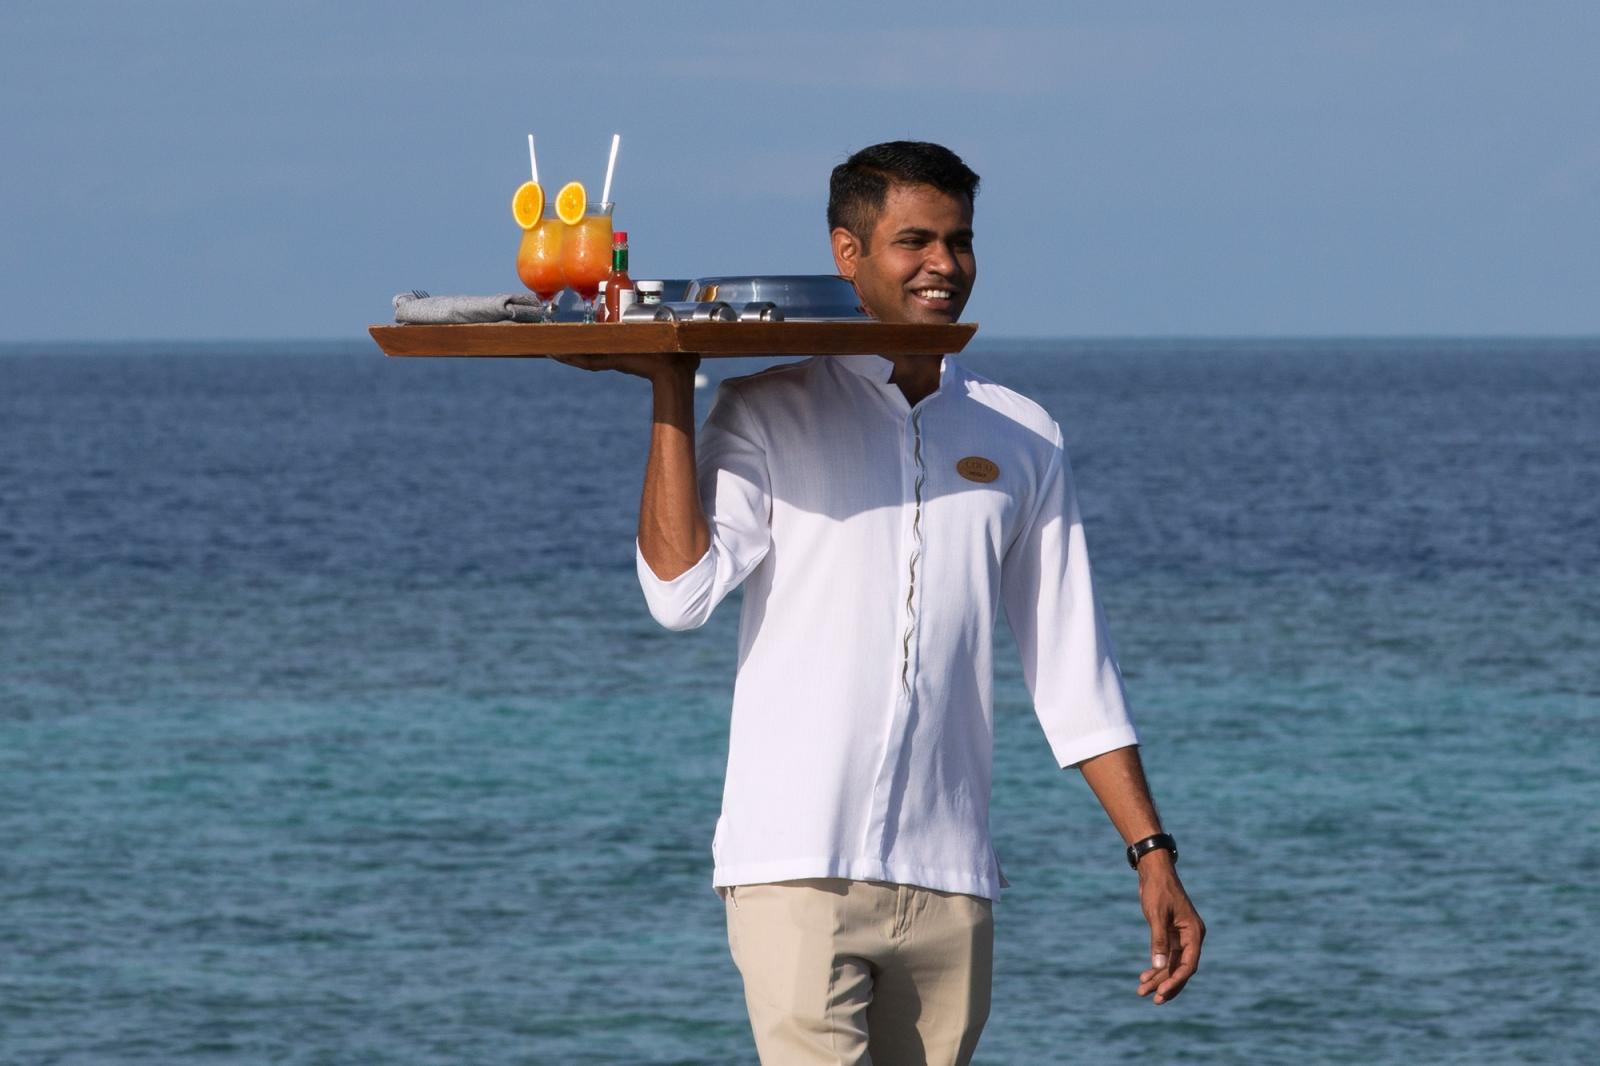 Wirbelsäulenbehandlung: Foto vom Wellnesshotel Coco Bodu Hithi | Wellness Nord-Male-Atoll